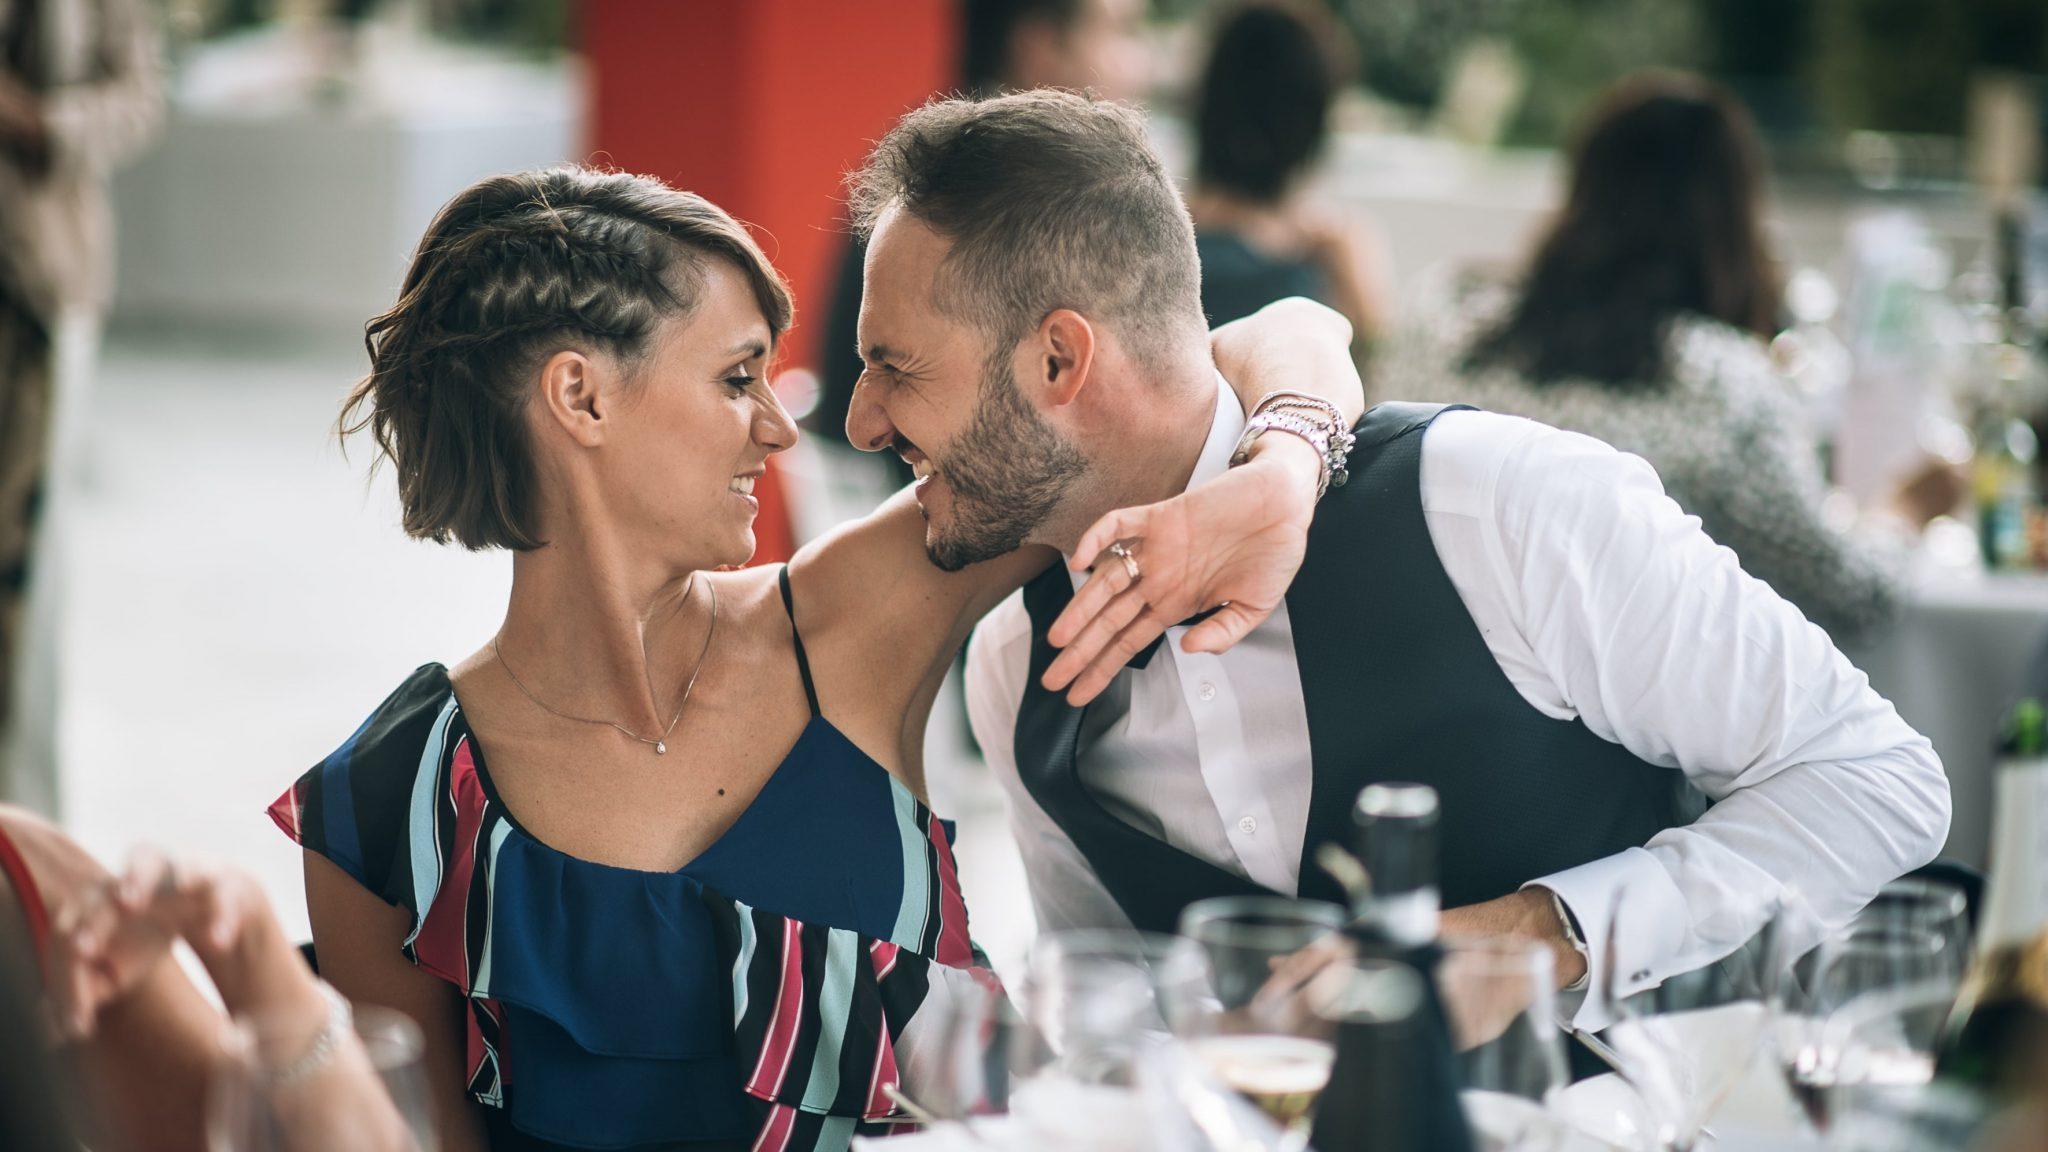 una coppia di amici degli sposi si abbracciano divertiti al ricevimento